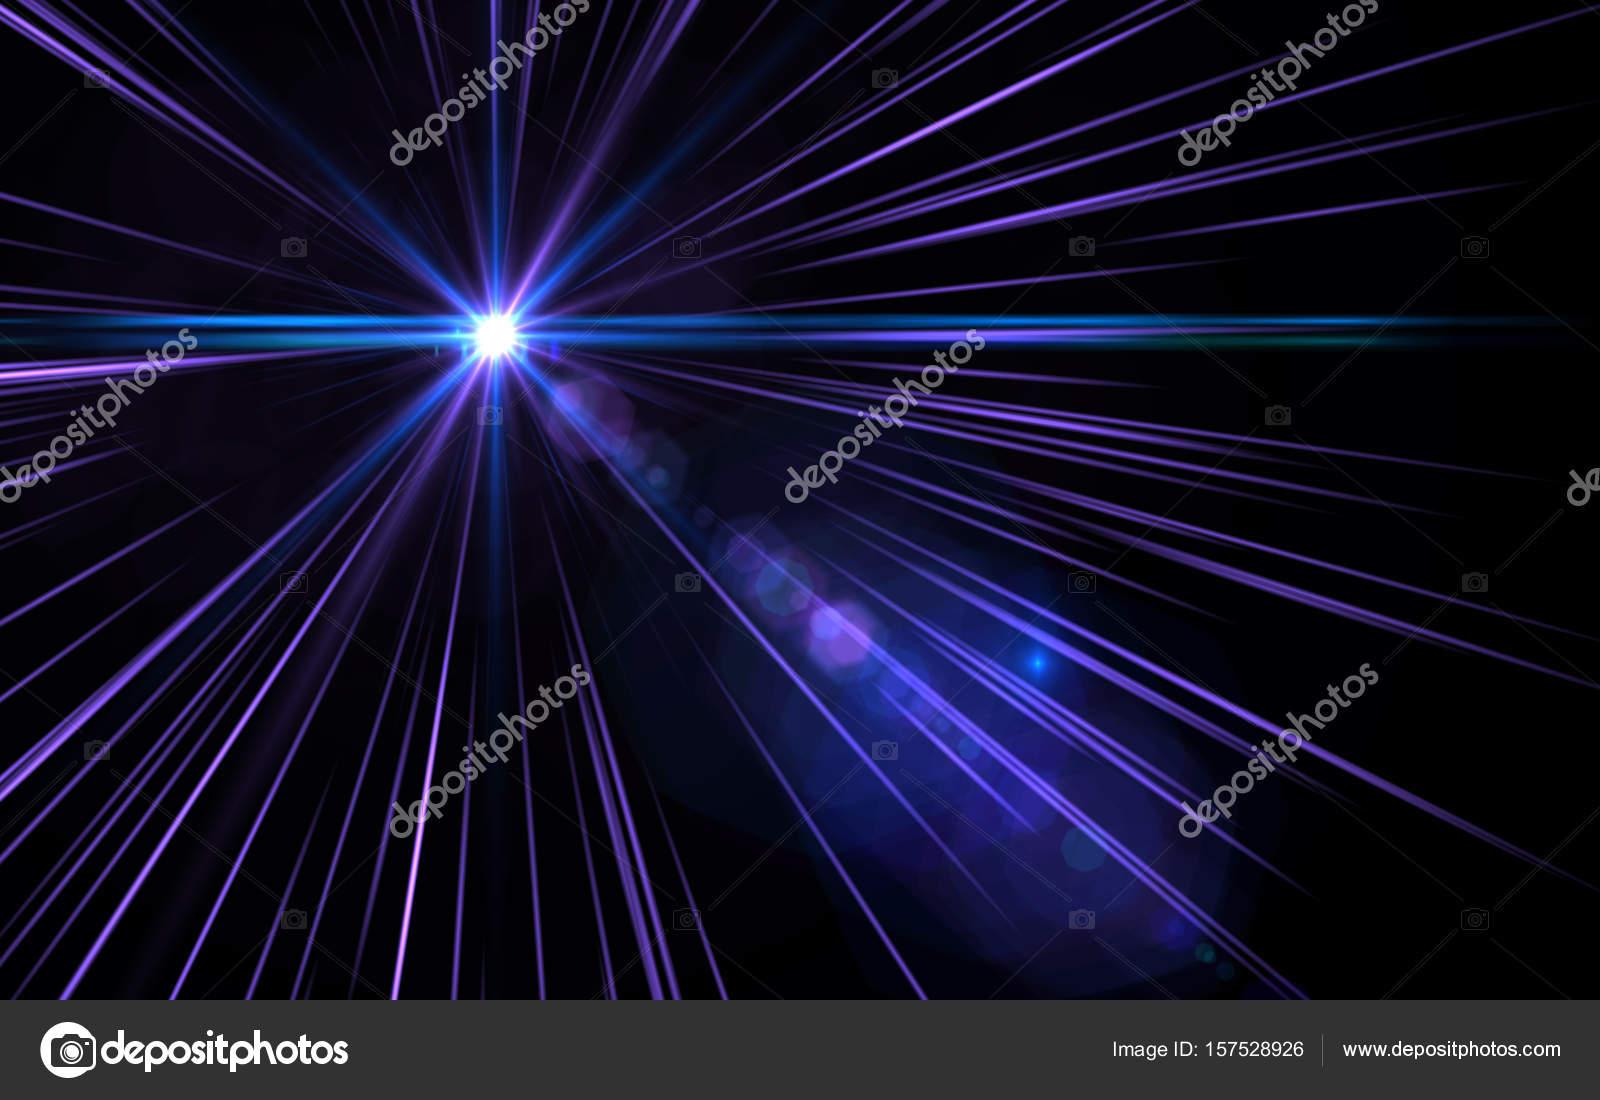 Objetivo Resumen de la llamarada velocidad violeta luz sobre fondo ...